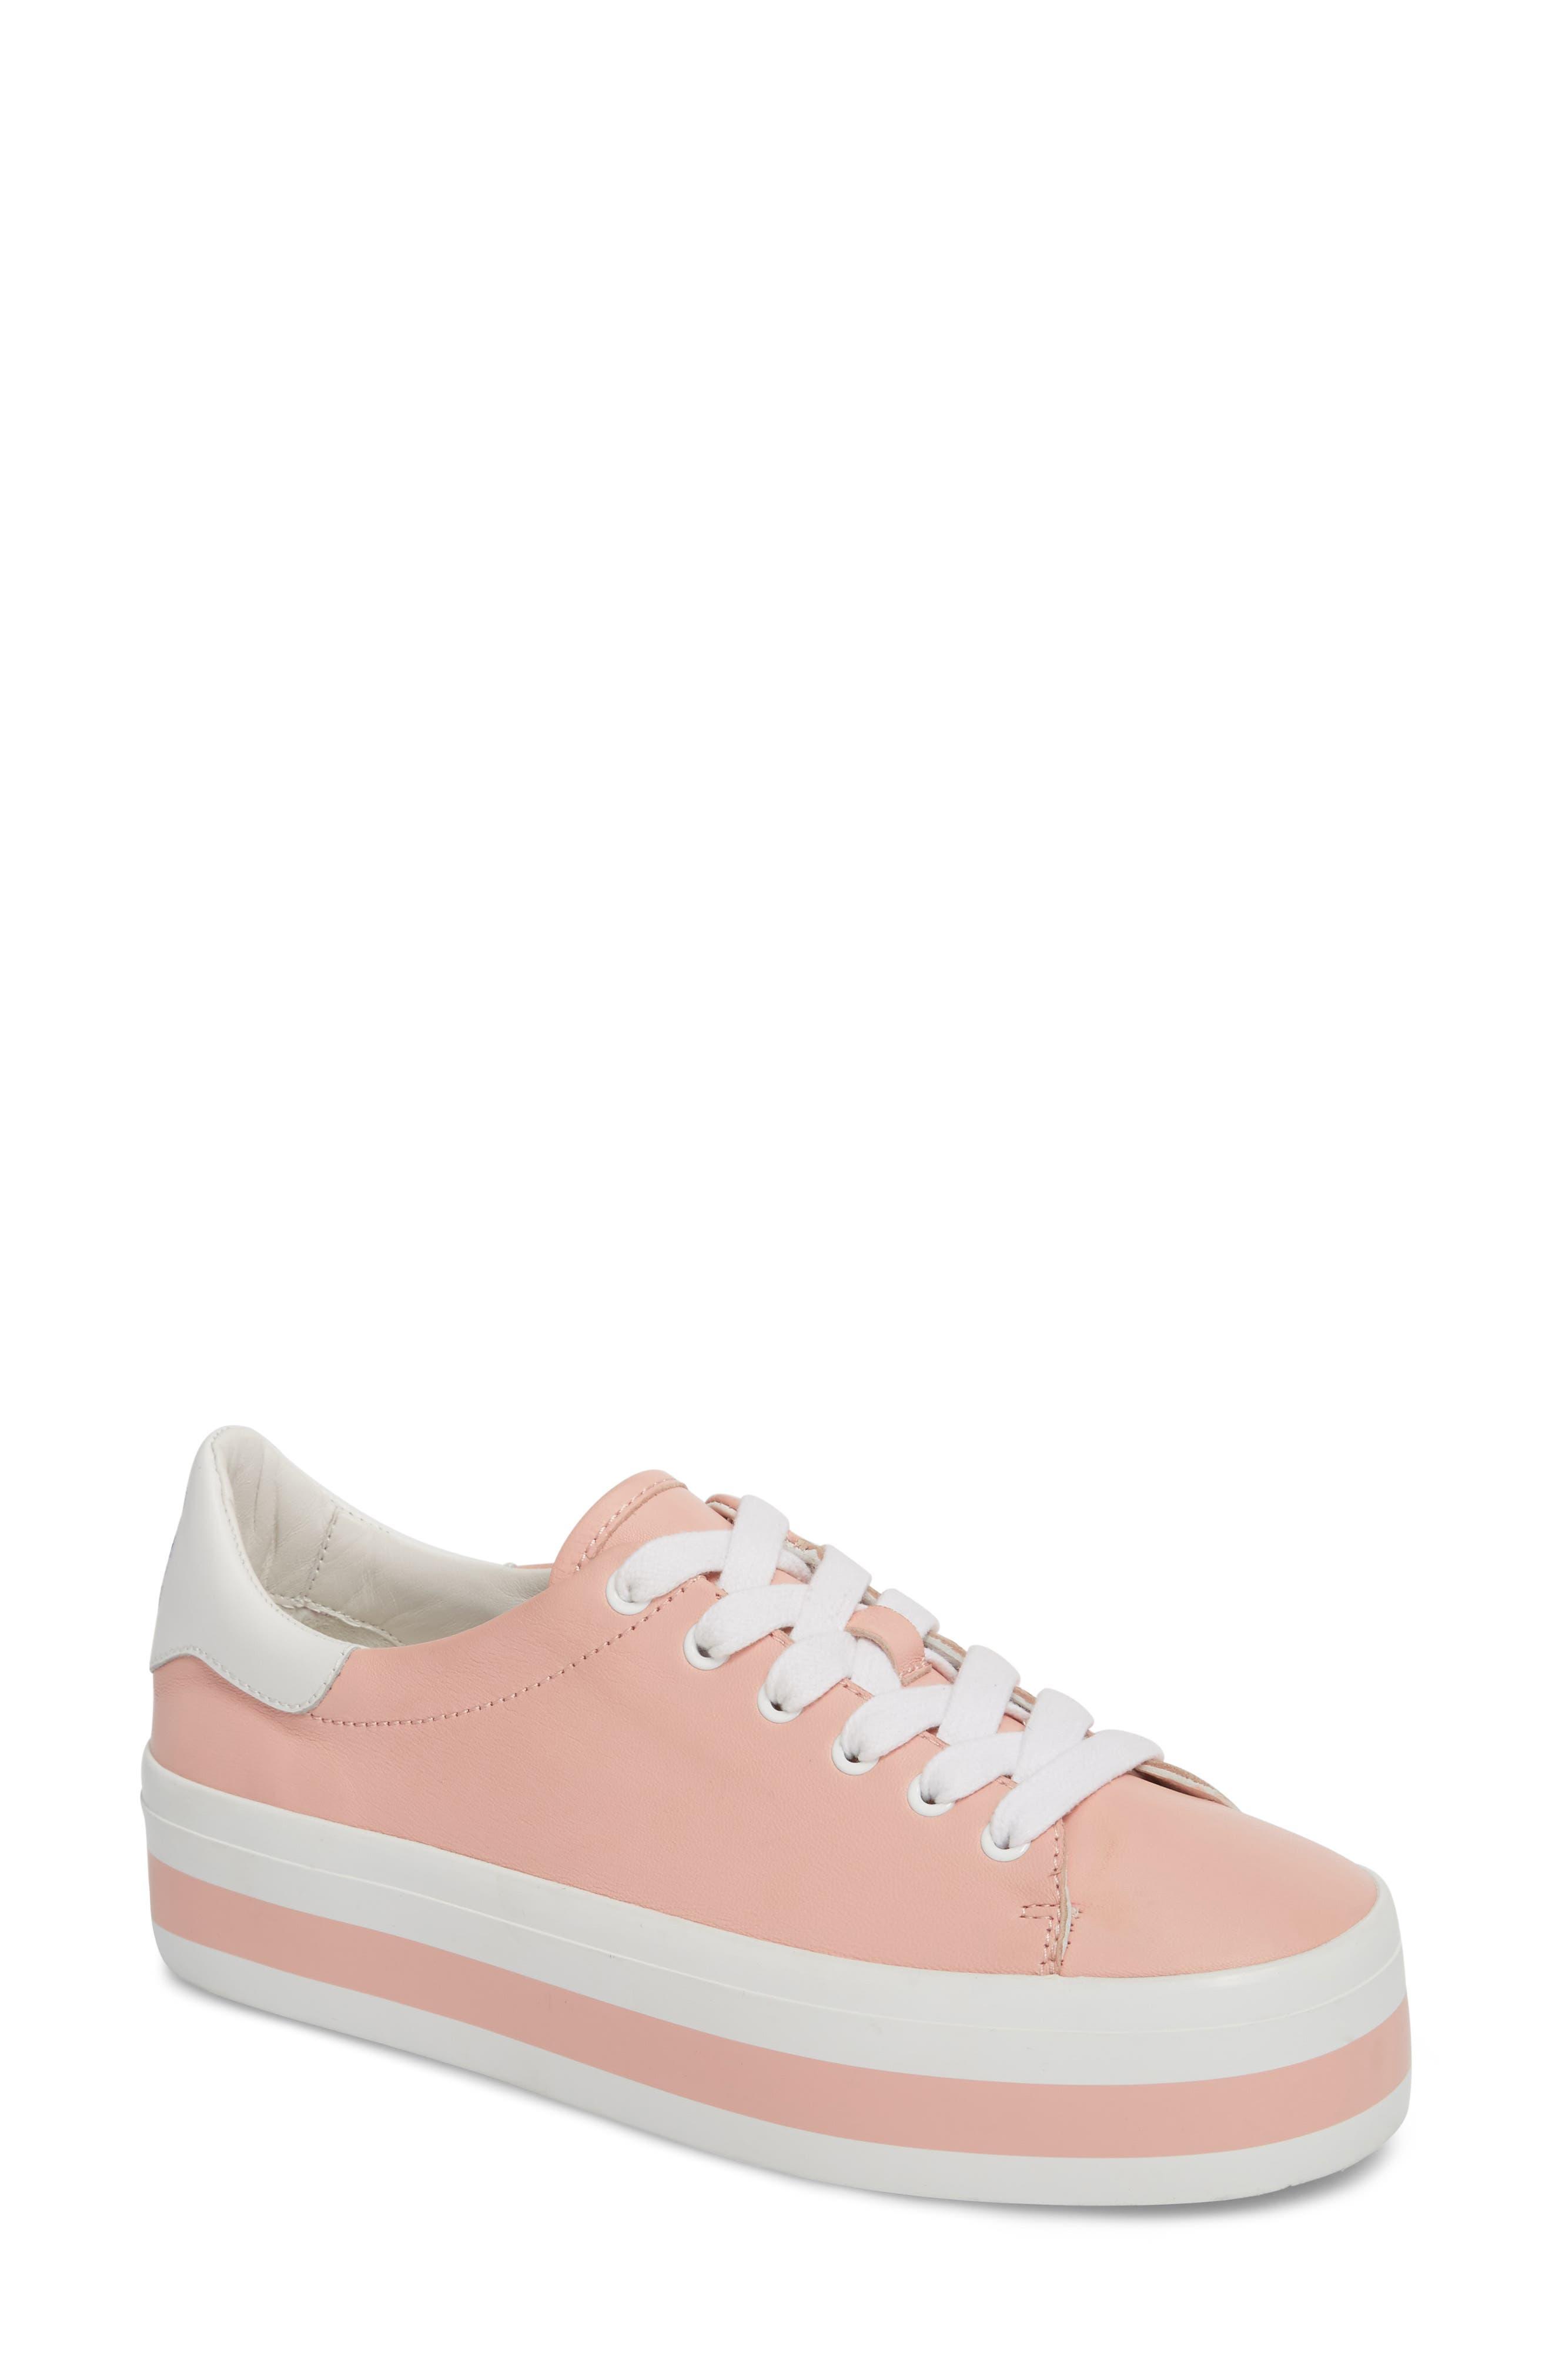 Alice + Olivia Ezra Flatform Sneaker (Women)